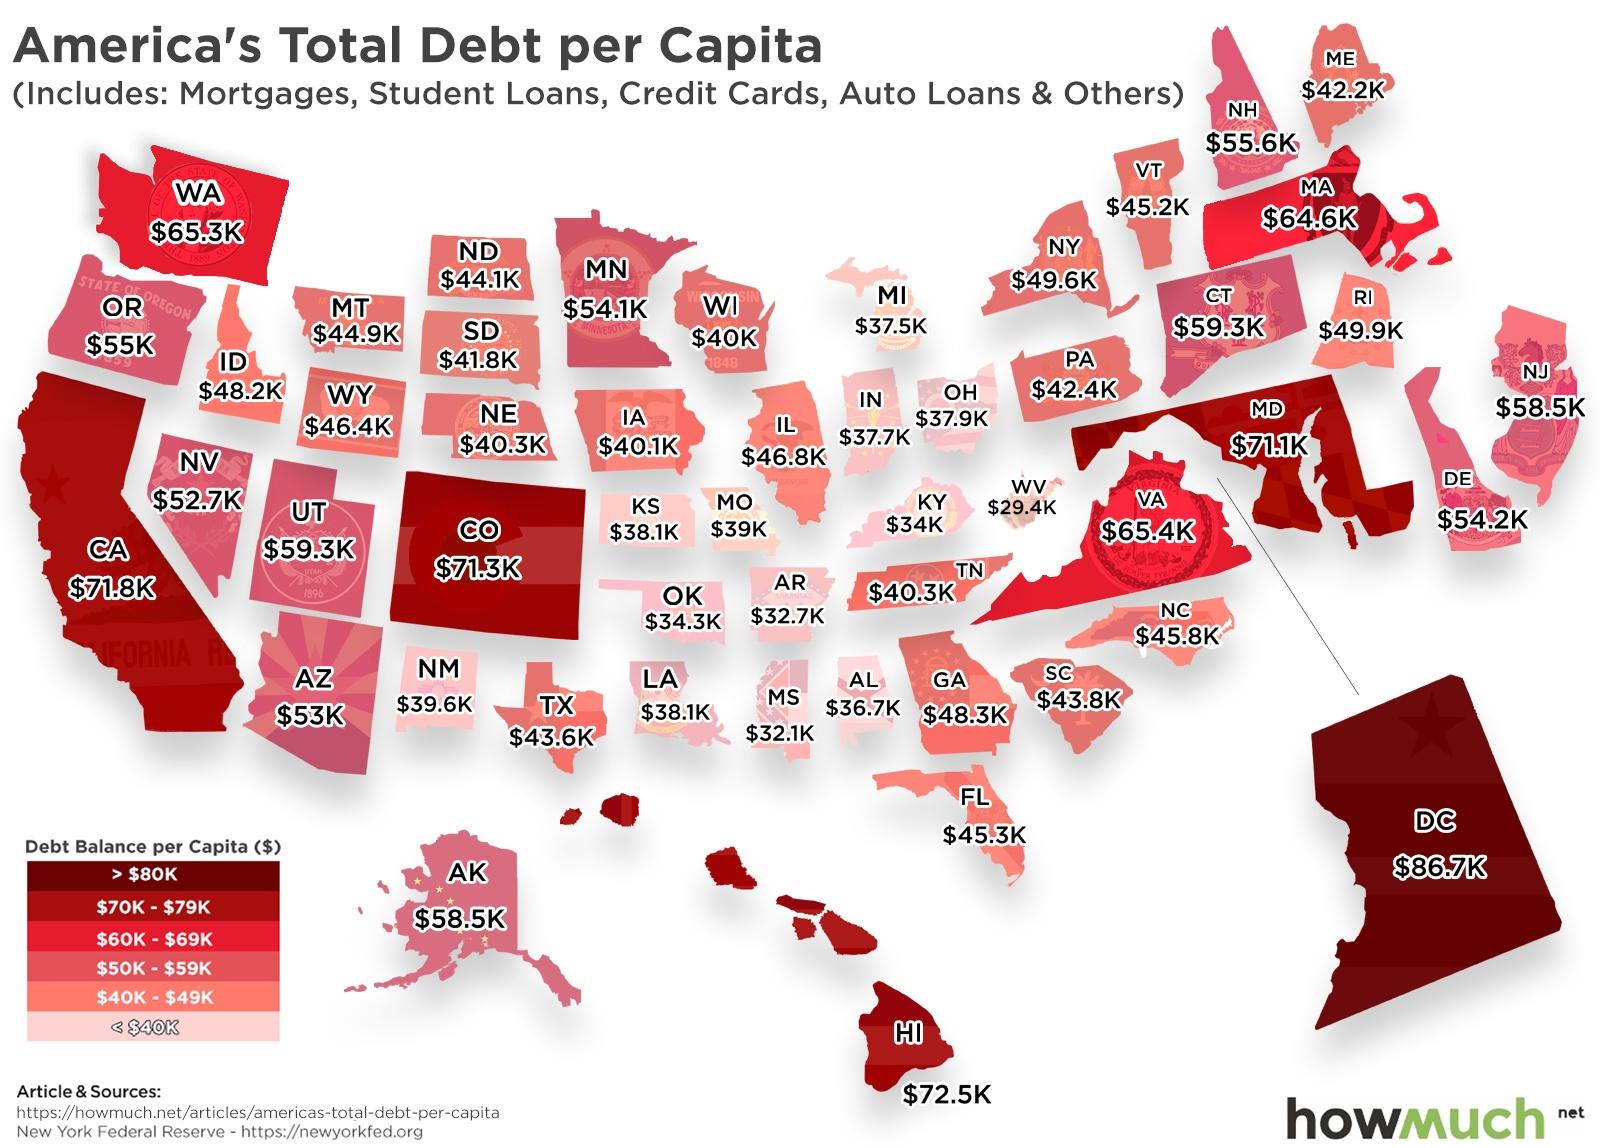 Debt per Capita by State